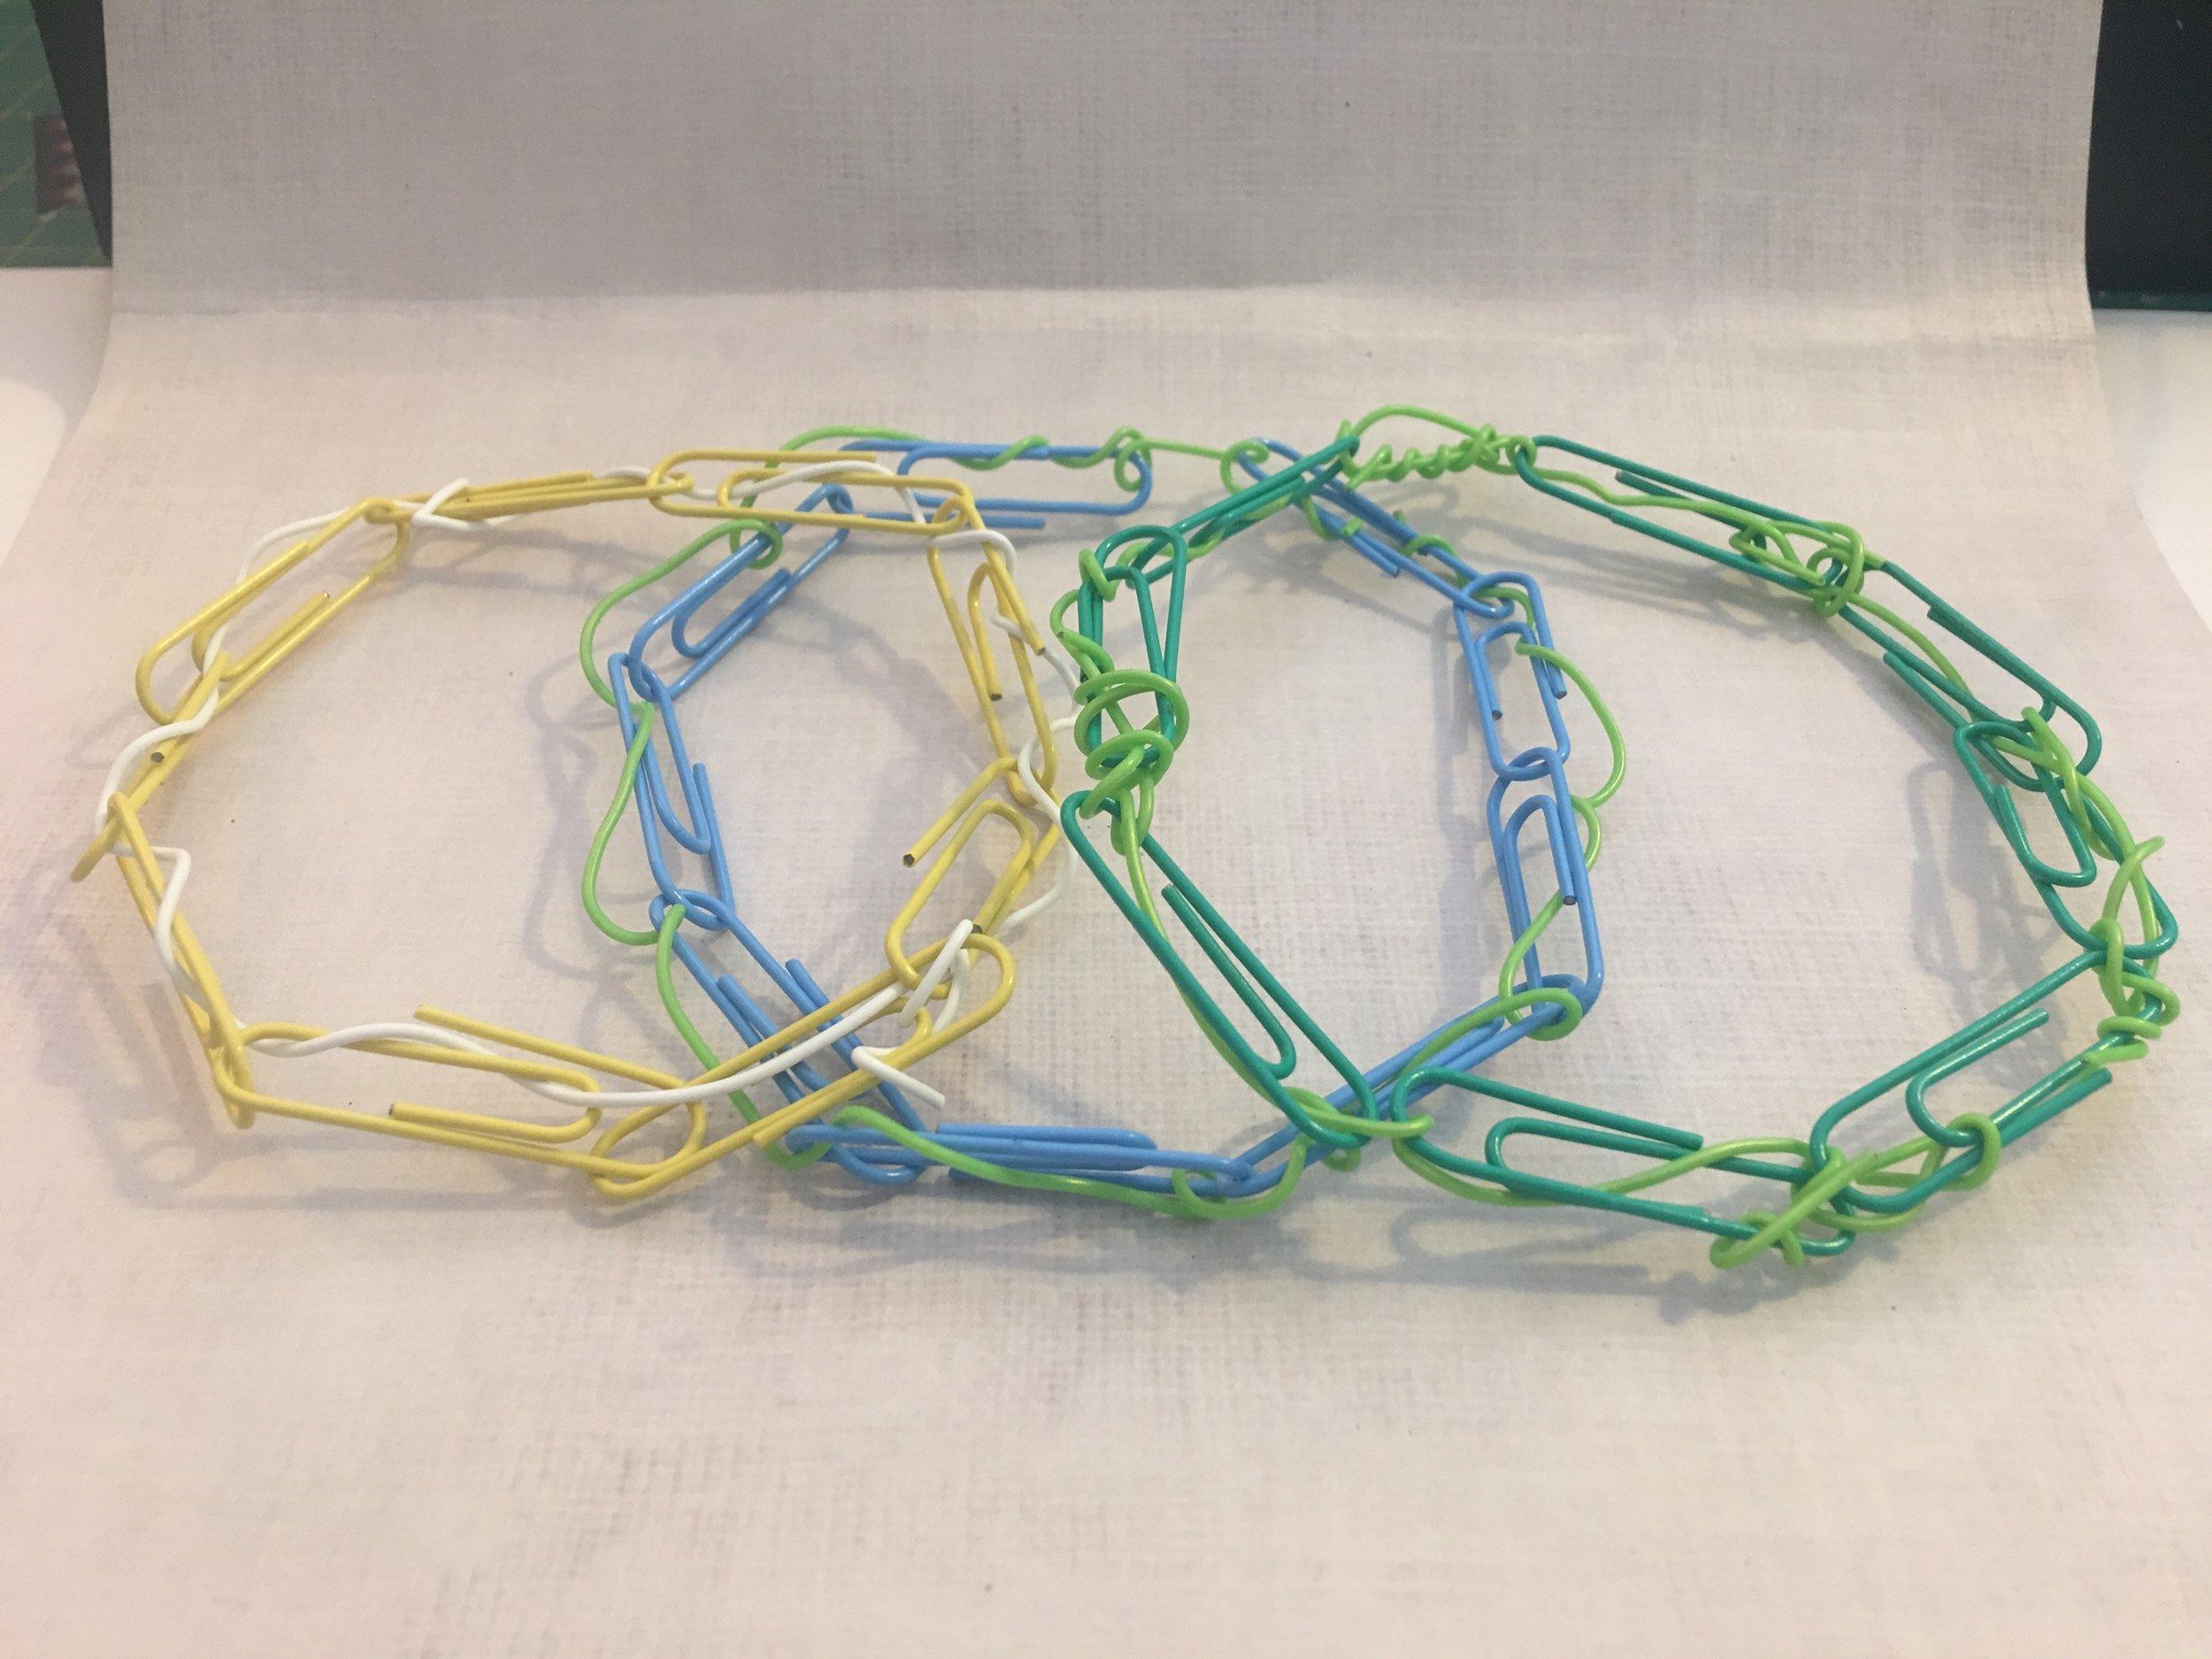 Paper clip bangles